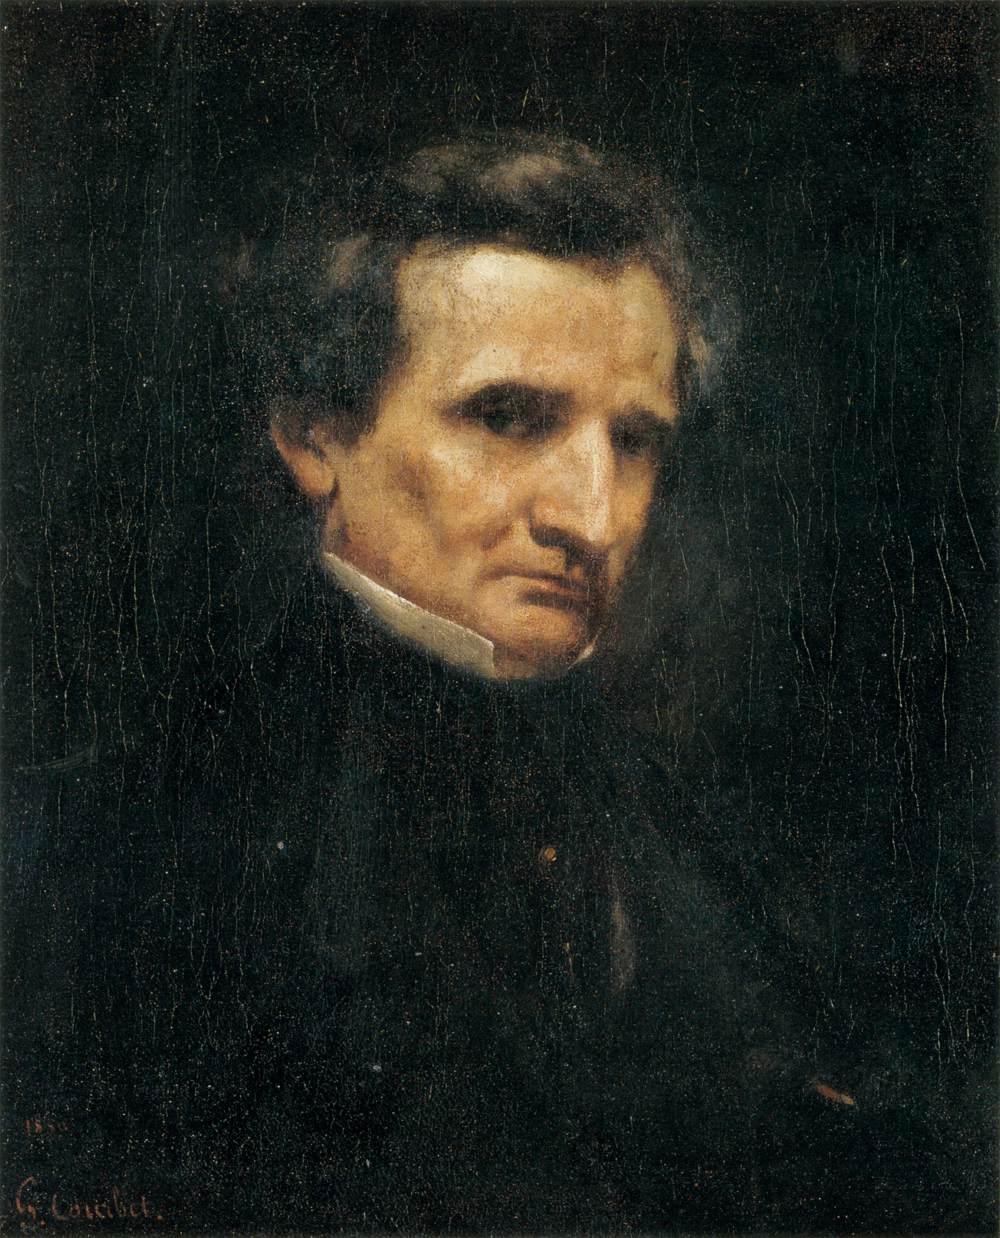 Гюстав Курбе. Портрет Гектора Берлиоза. 1850